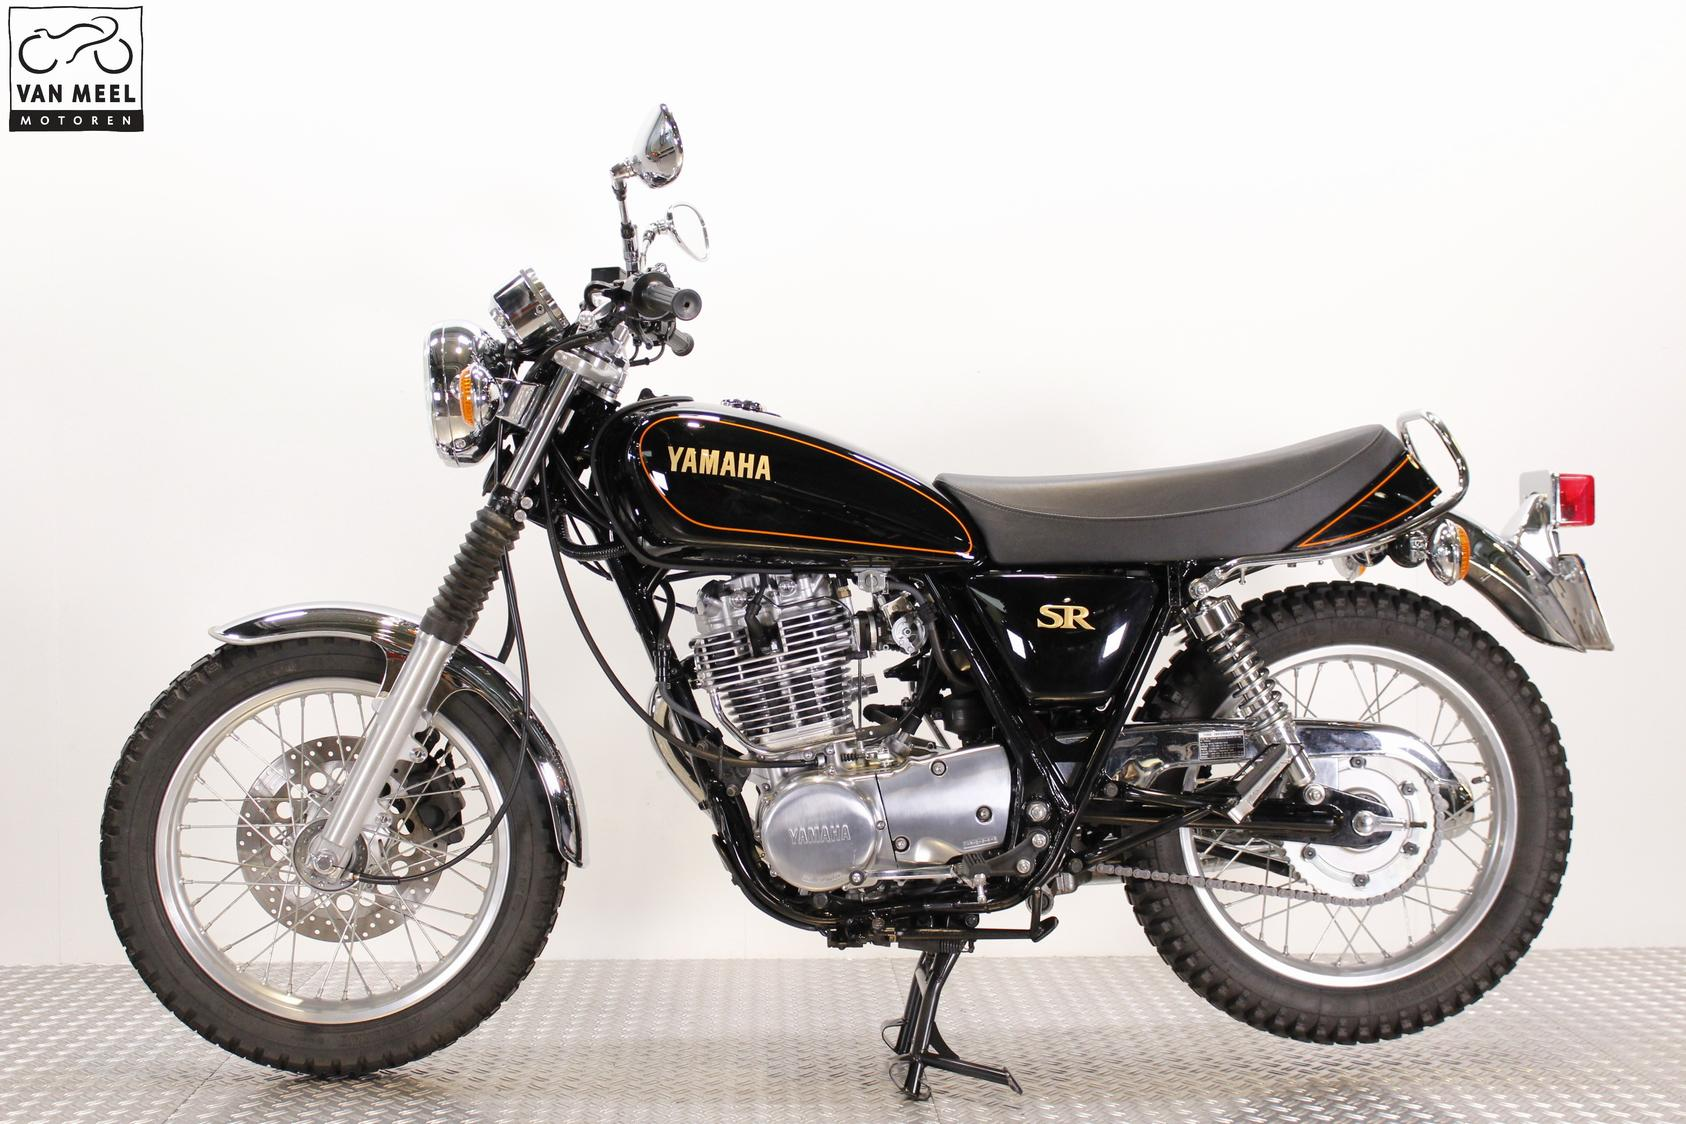 YAMAHA - SR400